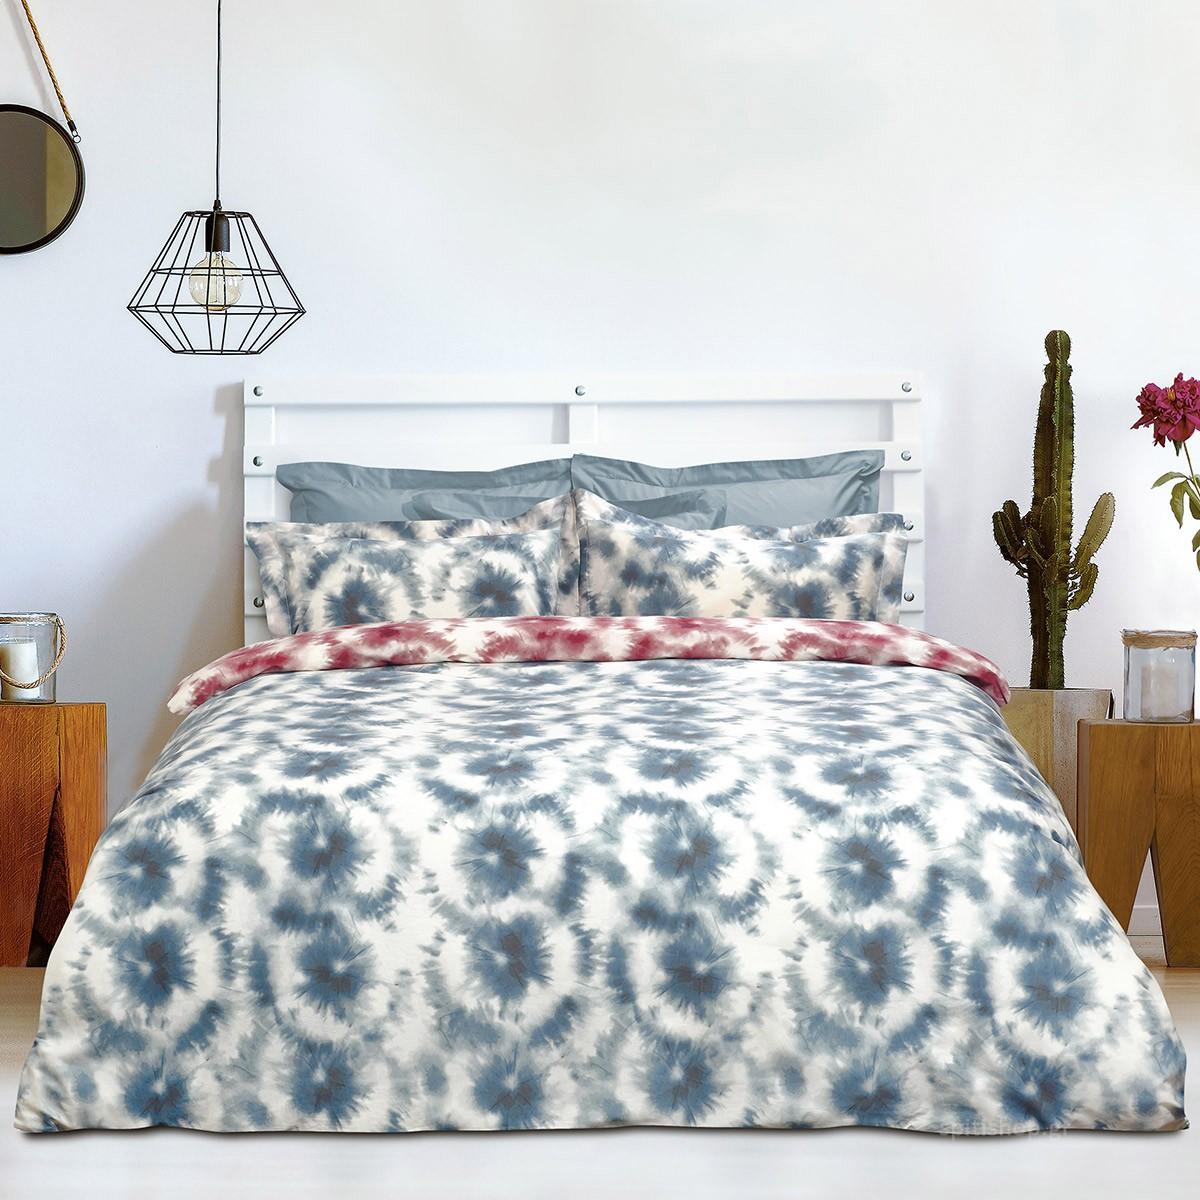 Κουβερλί Υπέρδιπλο Das Home Happy Line Prints 9414 home   κρεβατοκάμαρα   κουβερλί   κουβερλί υπέρδιπλα